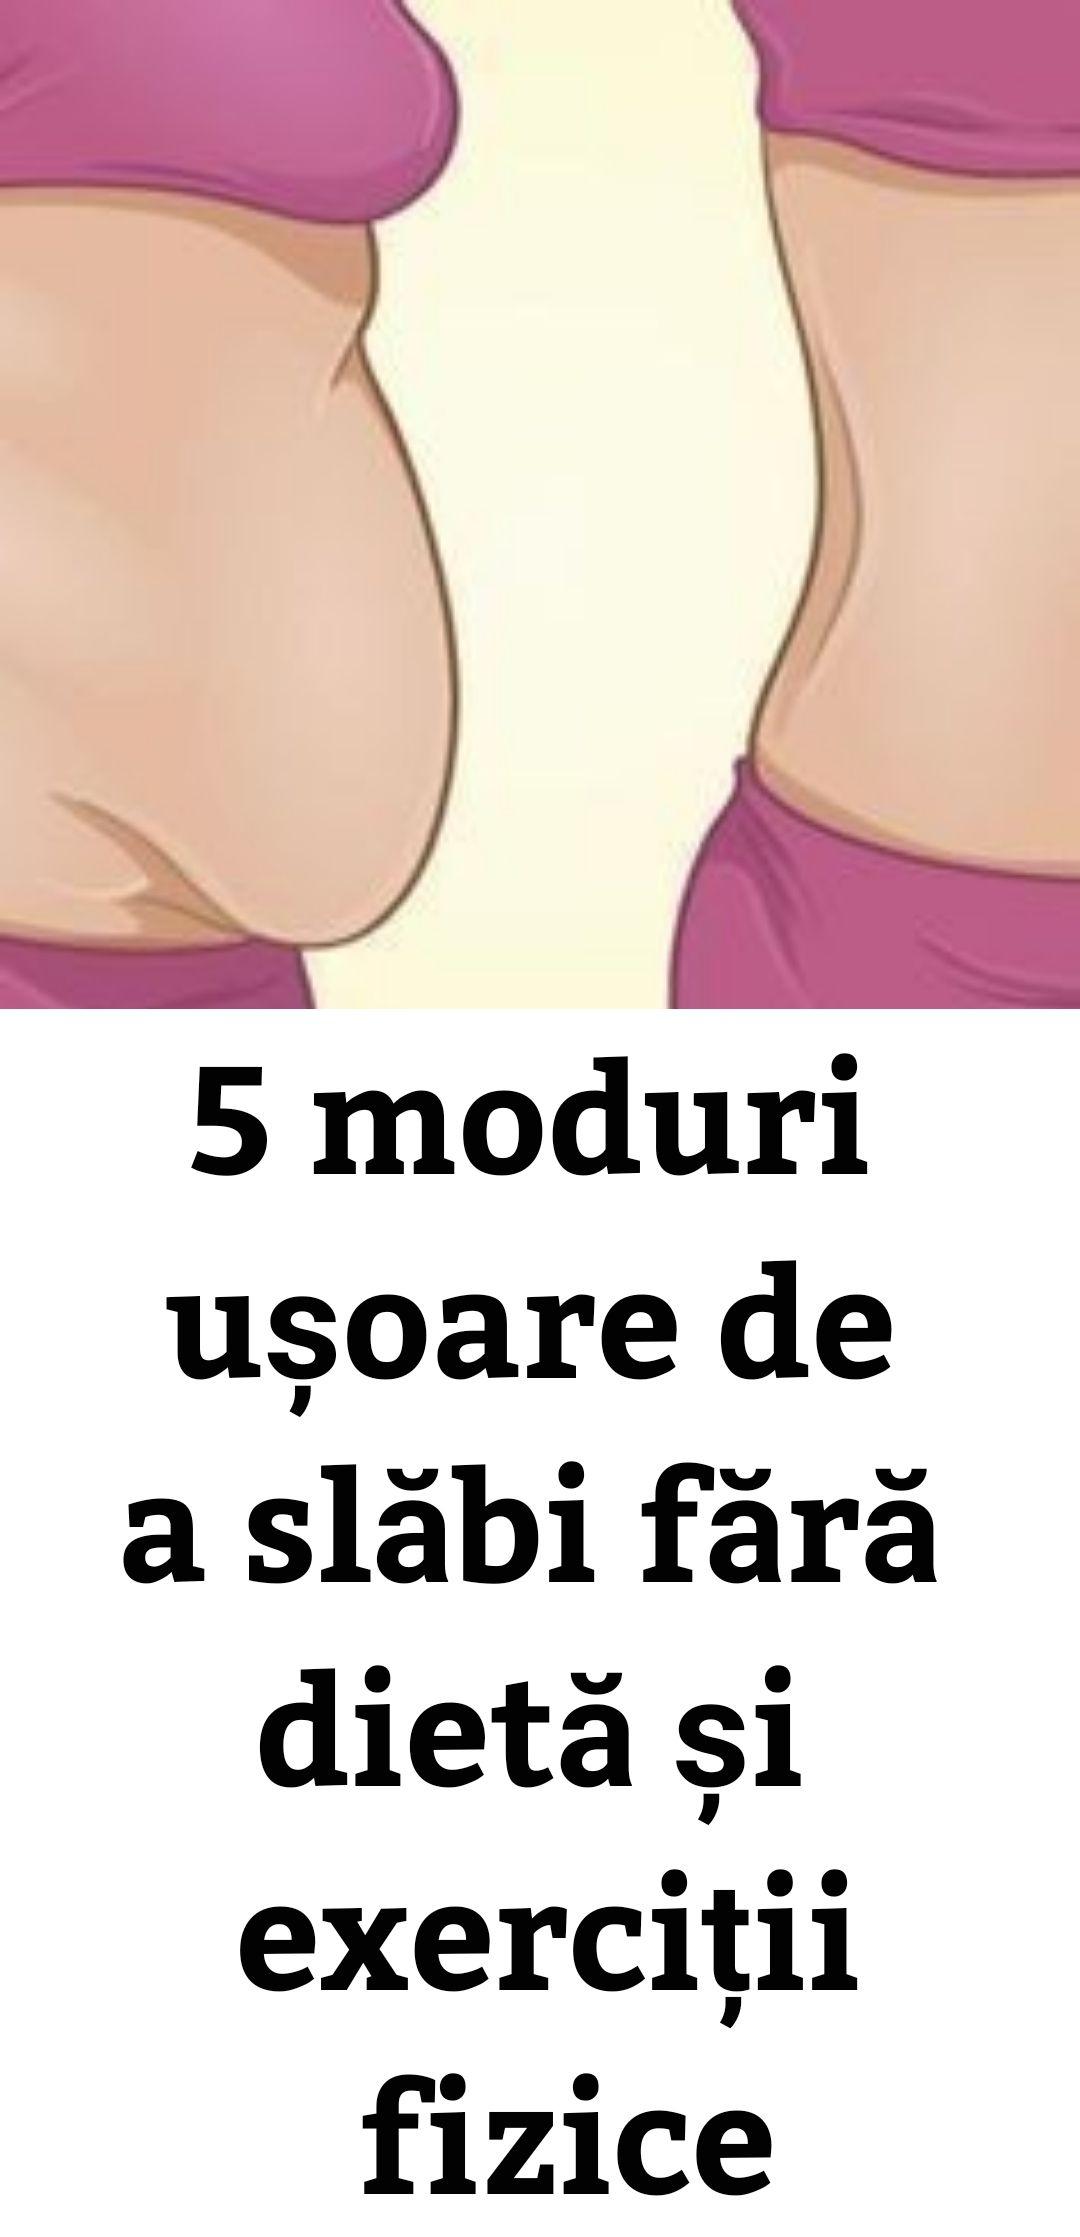 pierdere în greutate pe săptămână